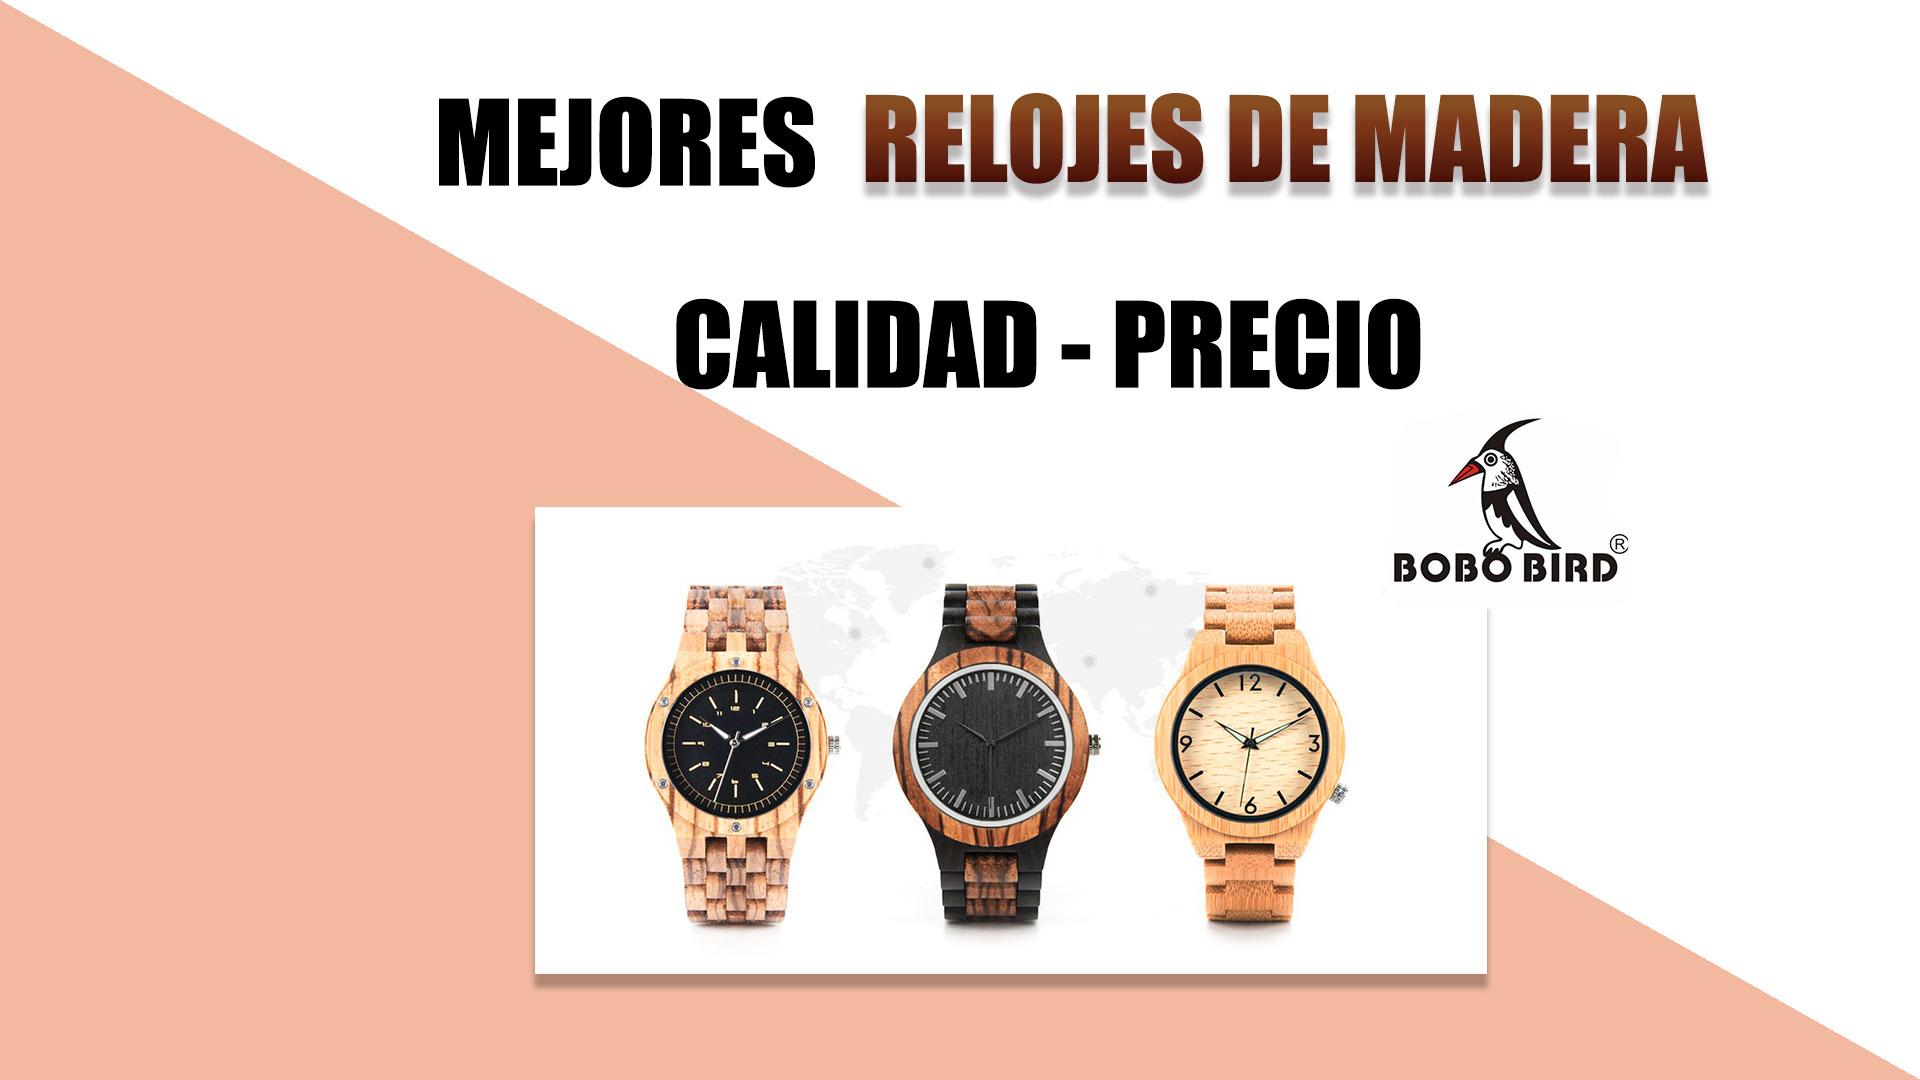 68edb8448ff6 Top mejores relojes de madera calidad precio de la actualidad  vídeo ...